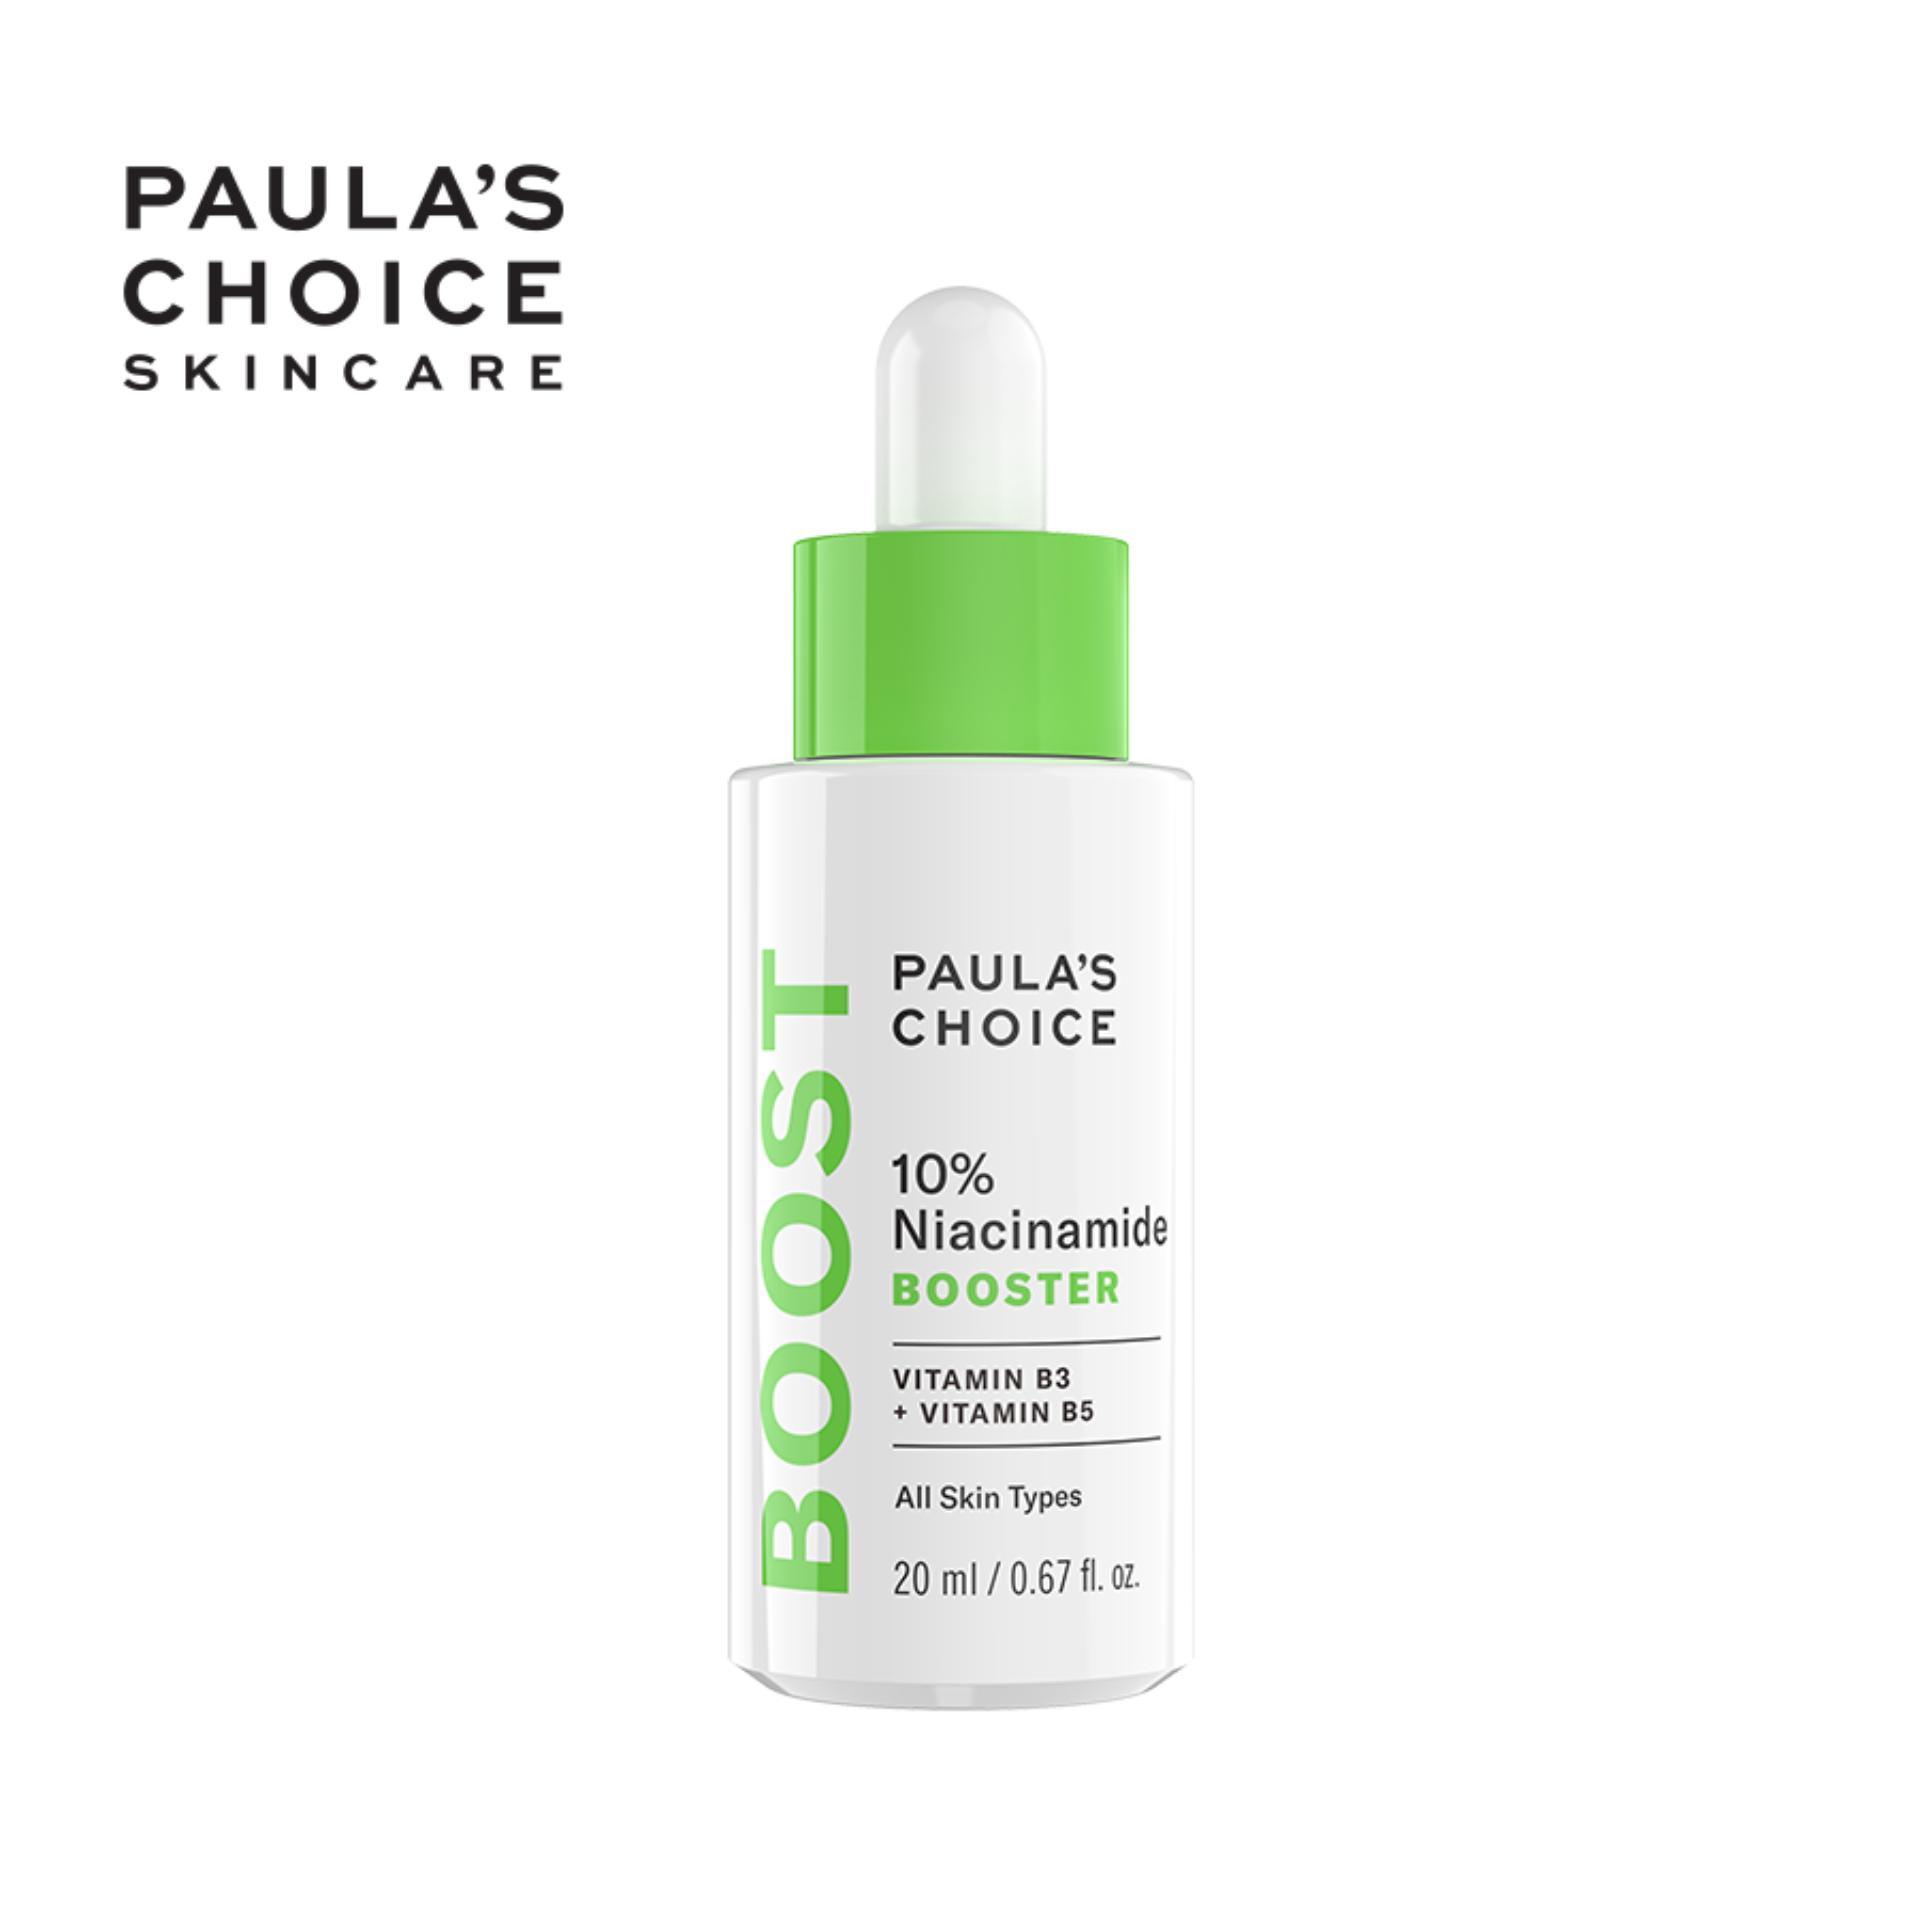 Tinh chất se khít lỗ chân lông và làm sáng da chứa Paula's Choice 10% Niacinamide Booster-7980